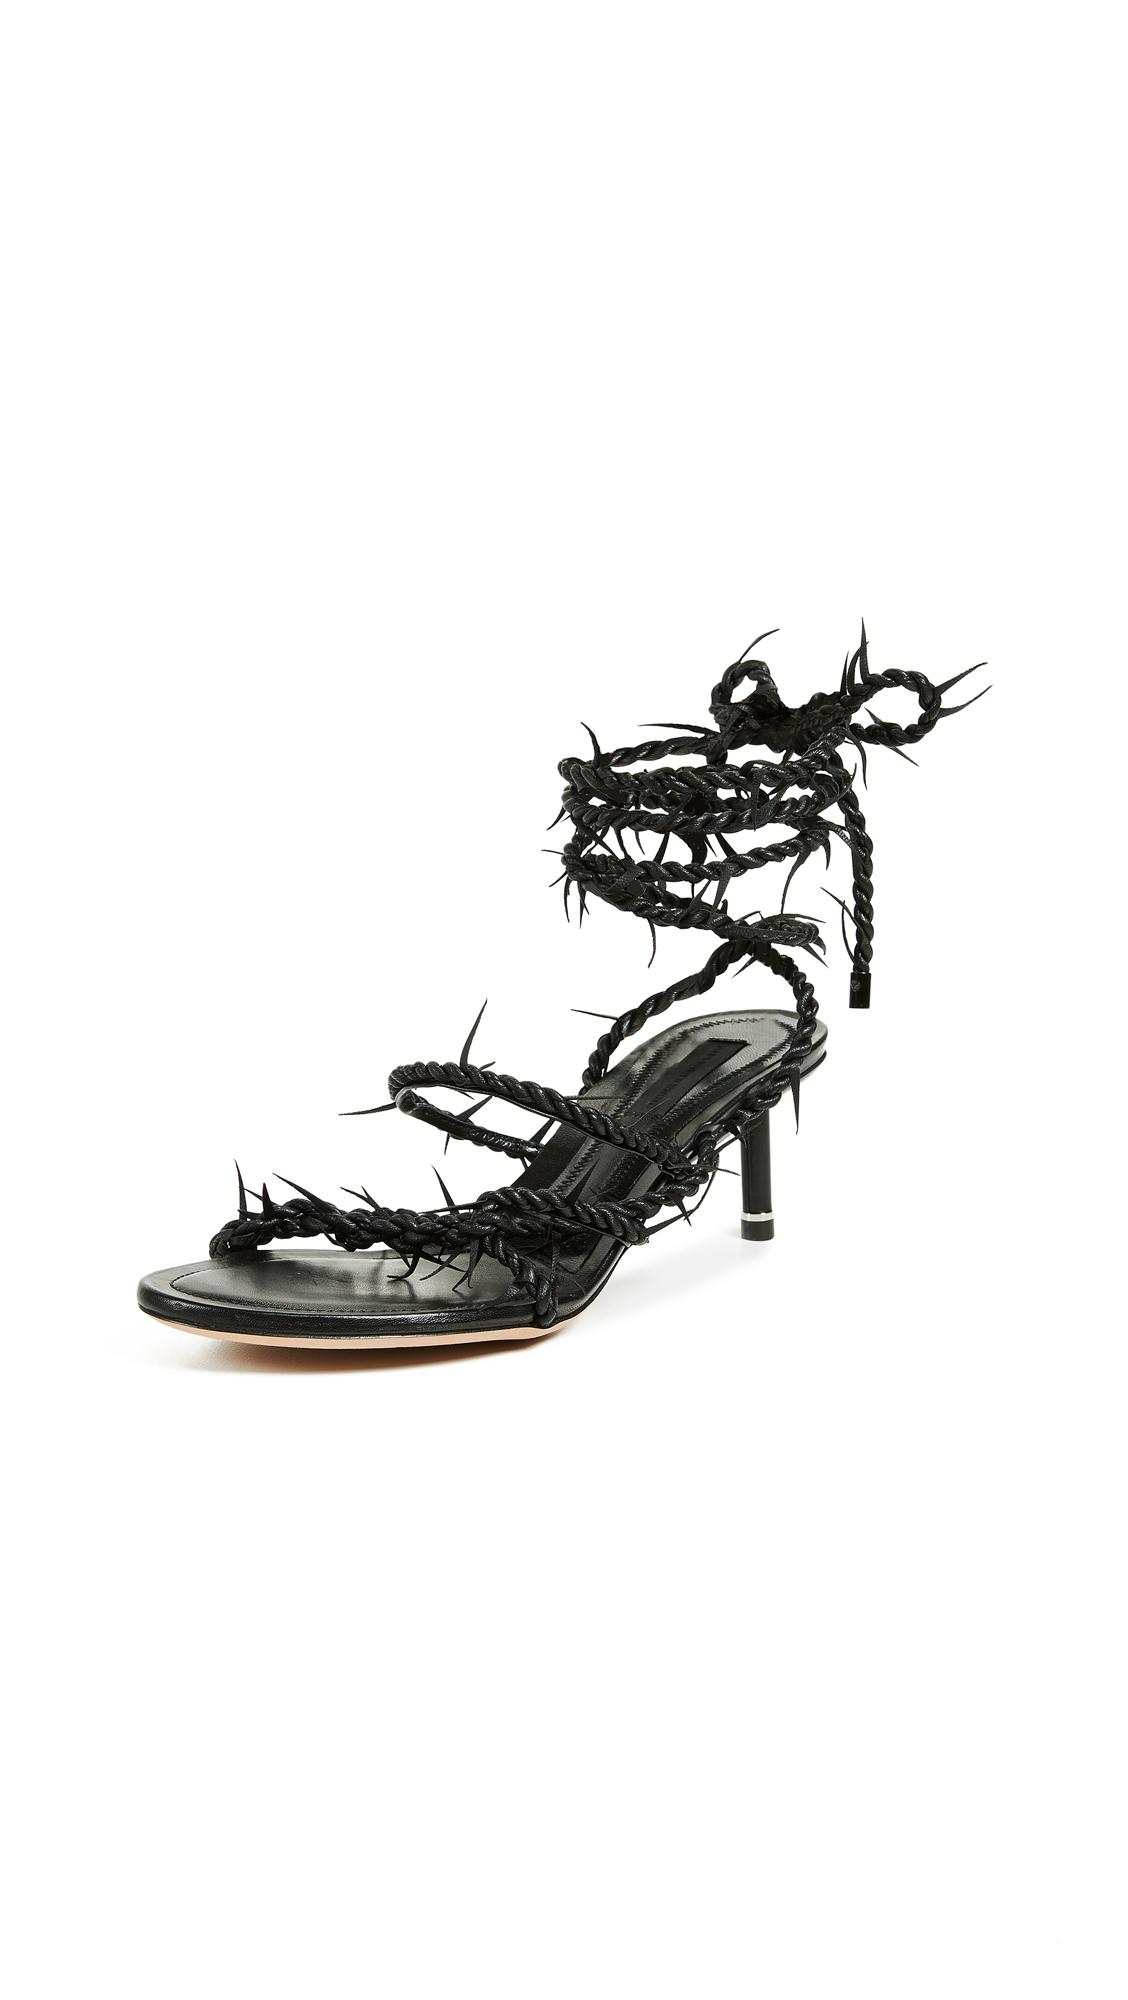 Alexander Wang Kiki Mid Heel Sandals - Black